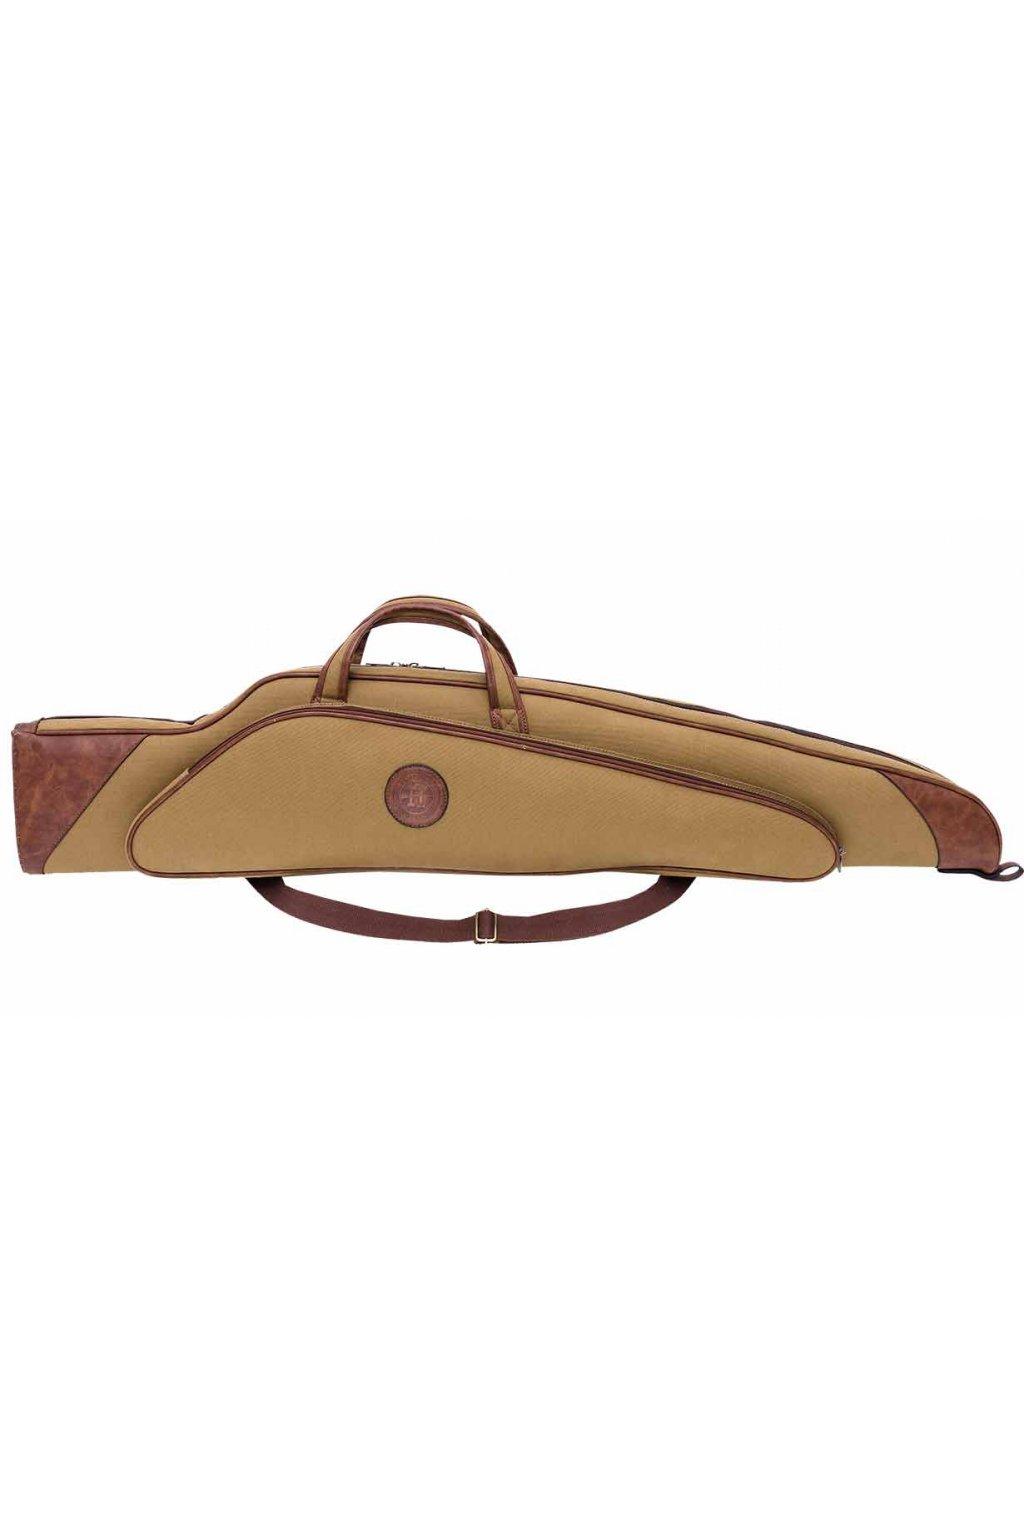 AKAH - pouzdro na zbraň (látka-kůže)